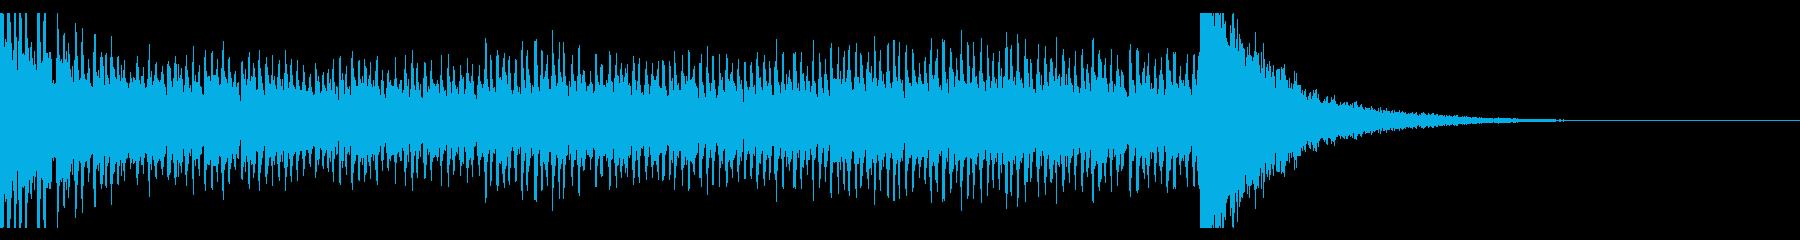 シンプルなドラムロール(12秒)の再生済みの波形